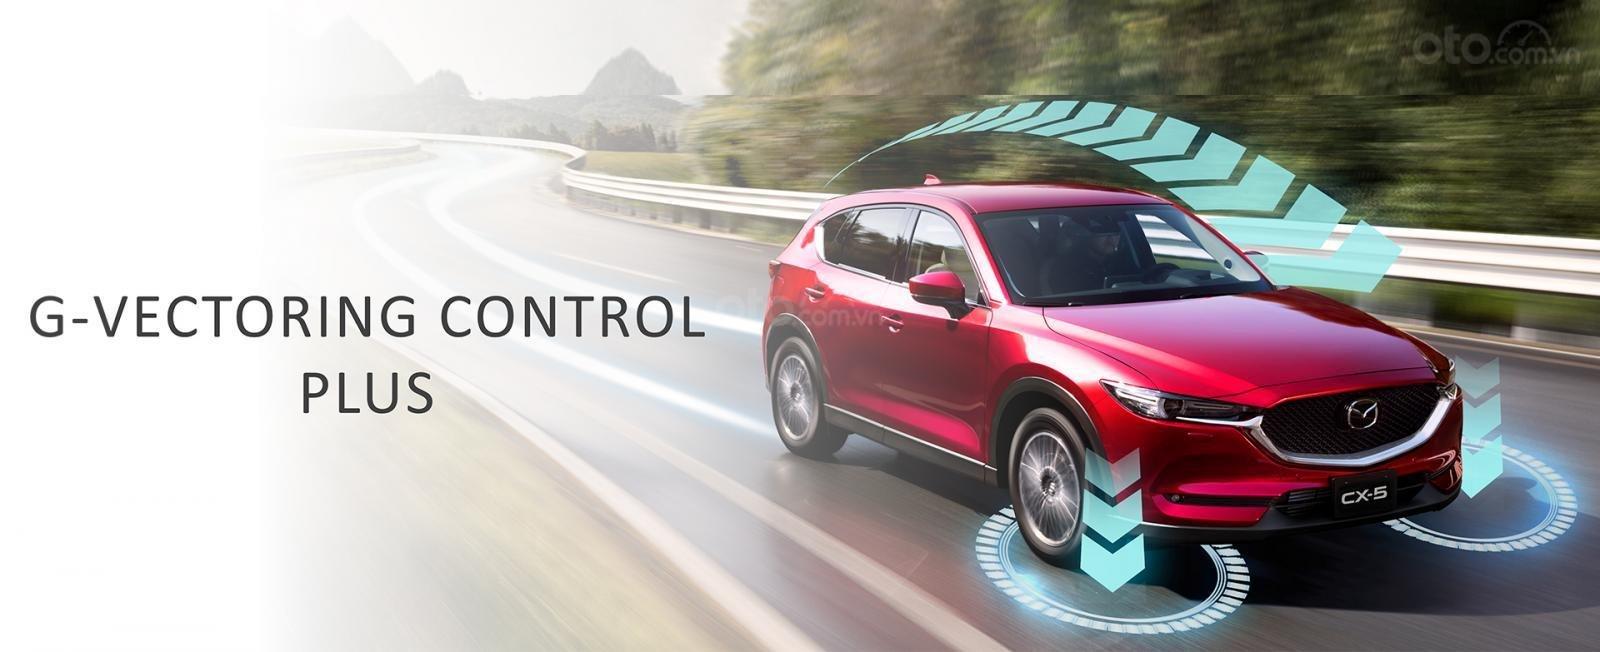 Đánh giá xe Mazda CX-5 2019: Hệ thống kiểm soát G-Vectoring Control Plus.